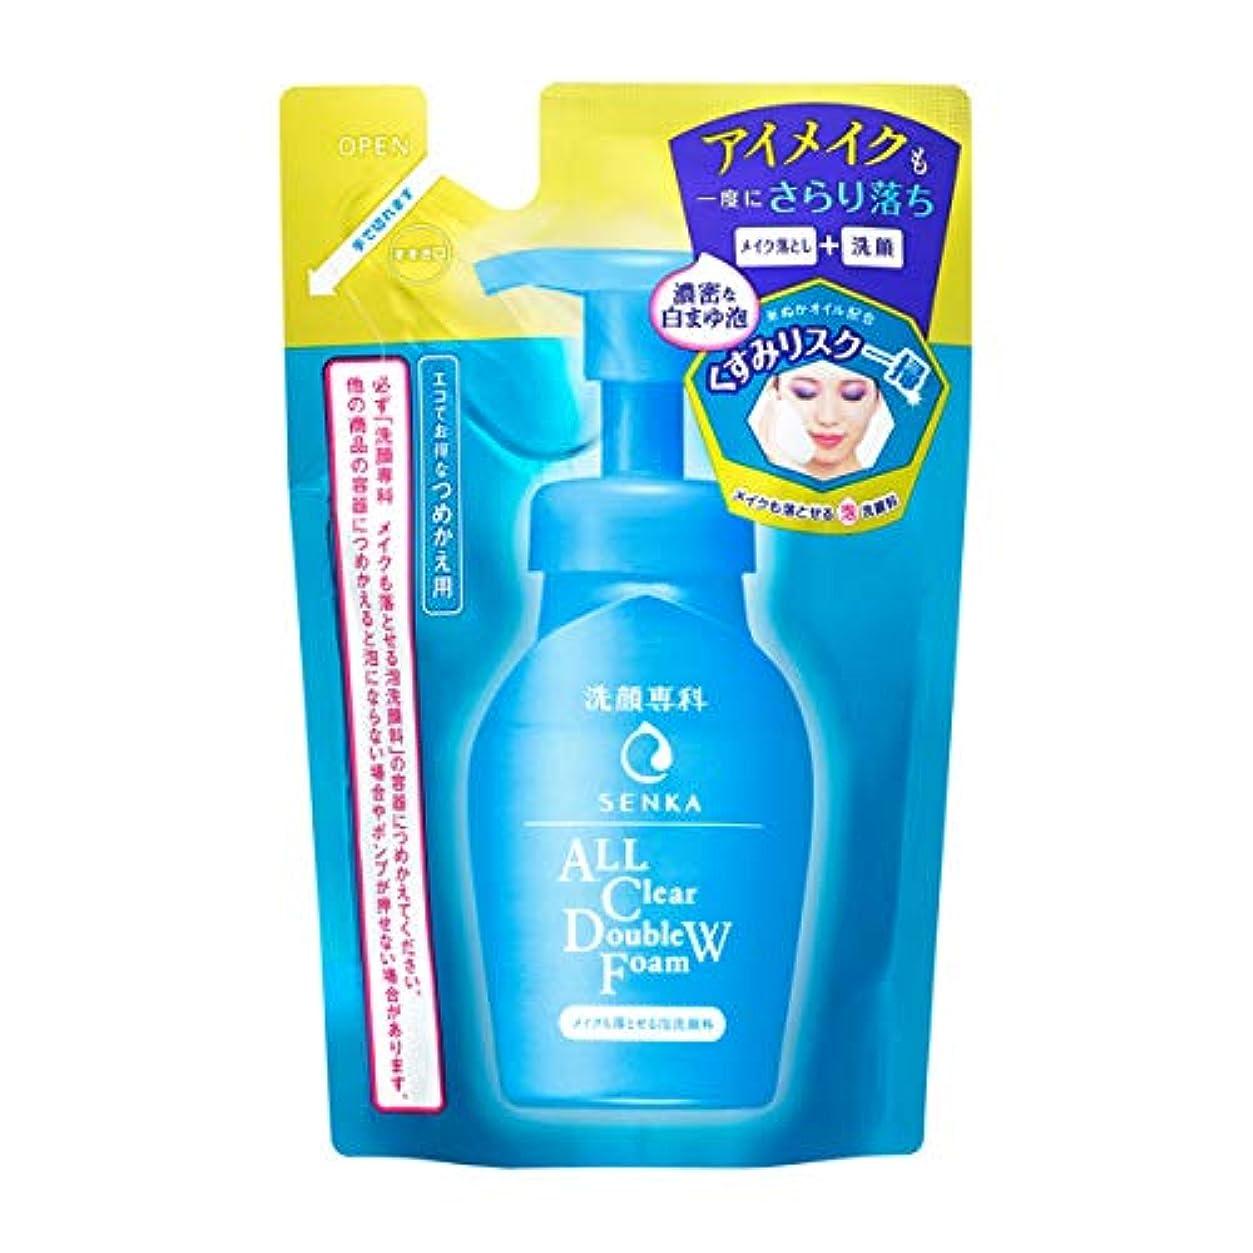 露骨な唯物論努力する洗顔専科 メイクも落とせる泡洗顔料 つめかえ用 130ml やさしく香るみずみずしいフローラルの香り